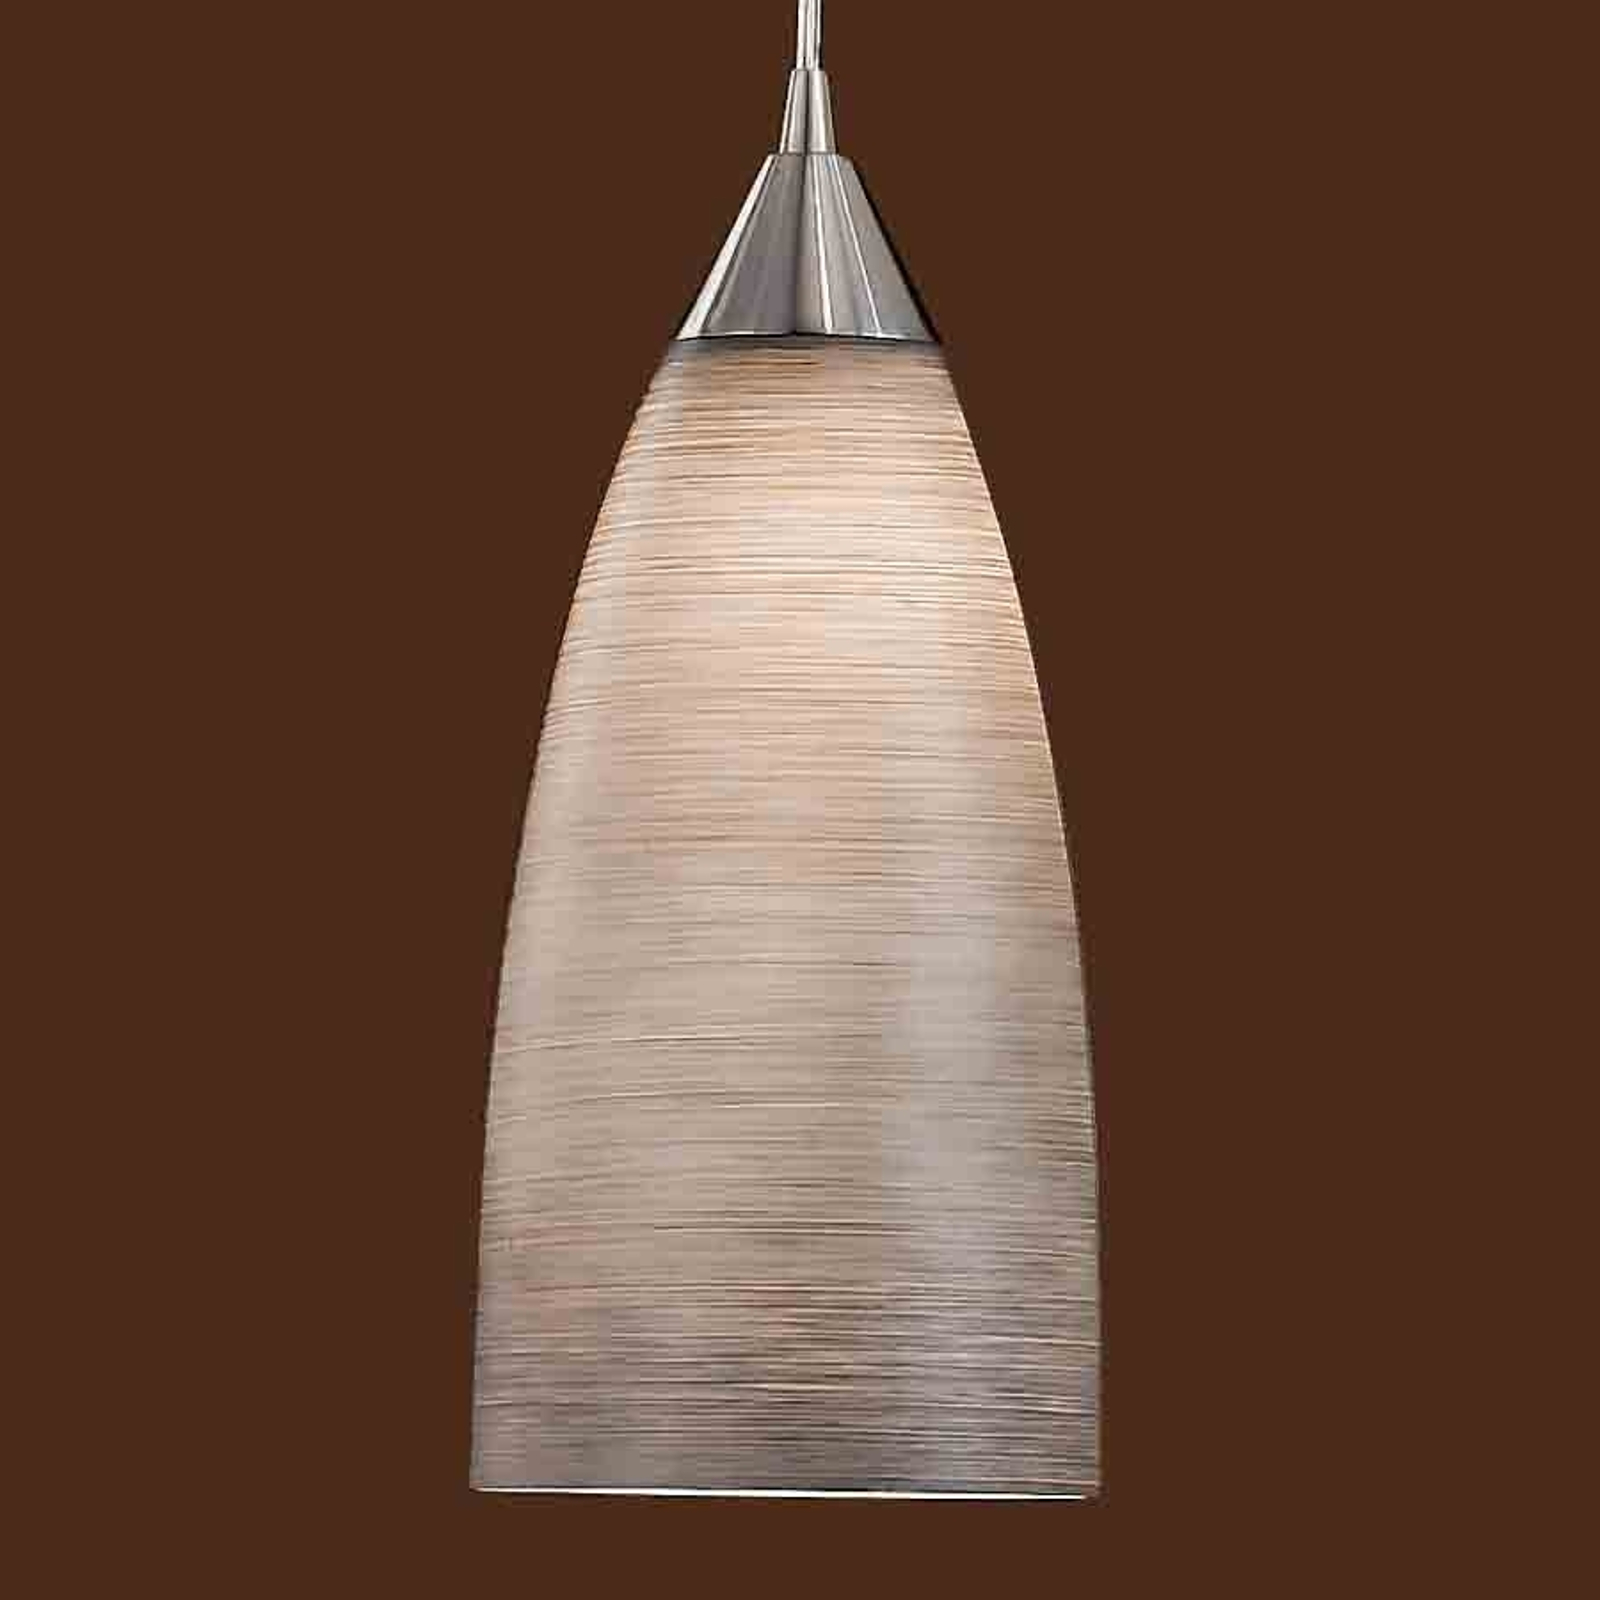 Lampa wisząca MADINA, śr.15 cm, brązowy